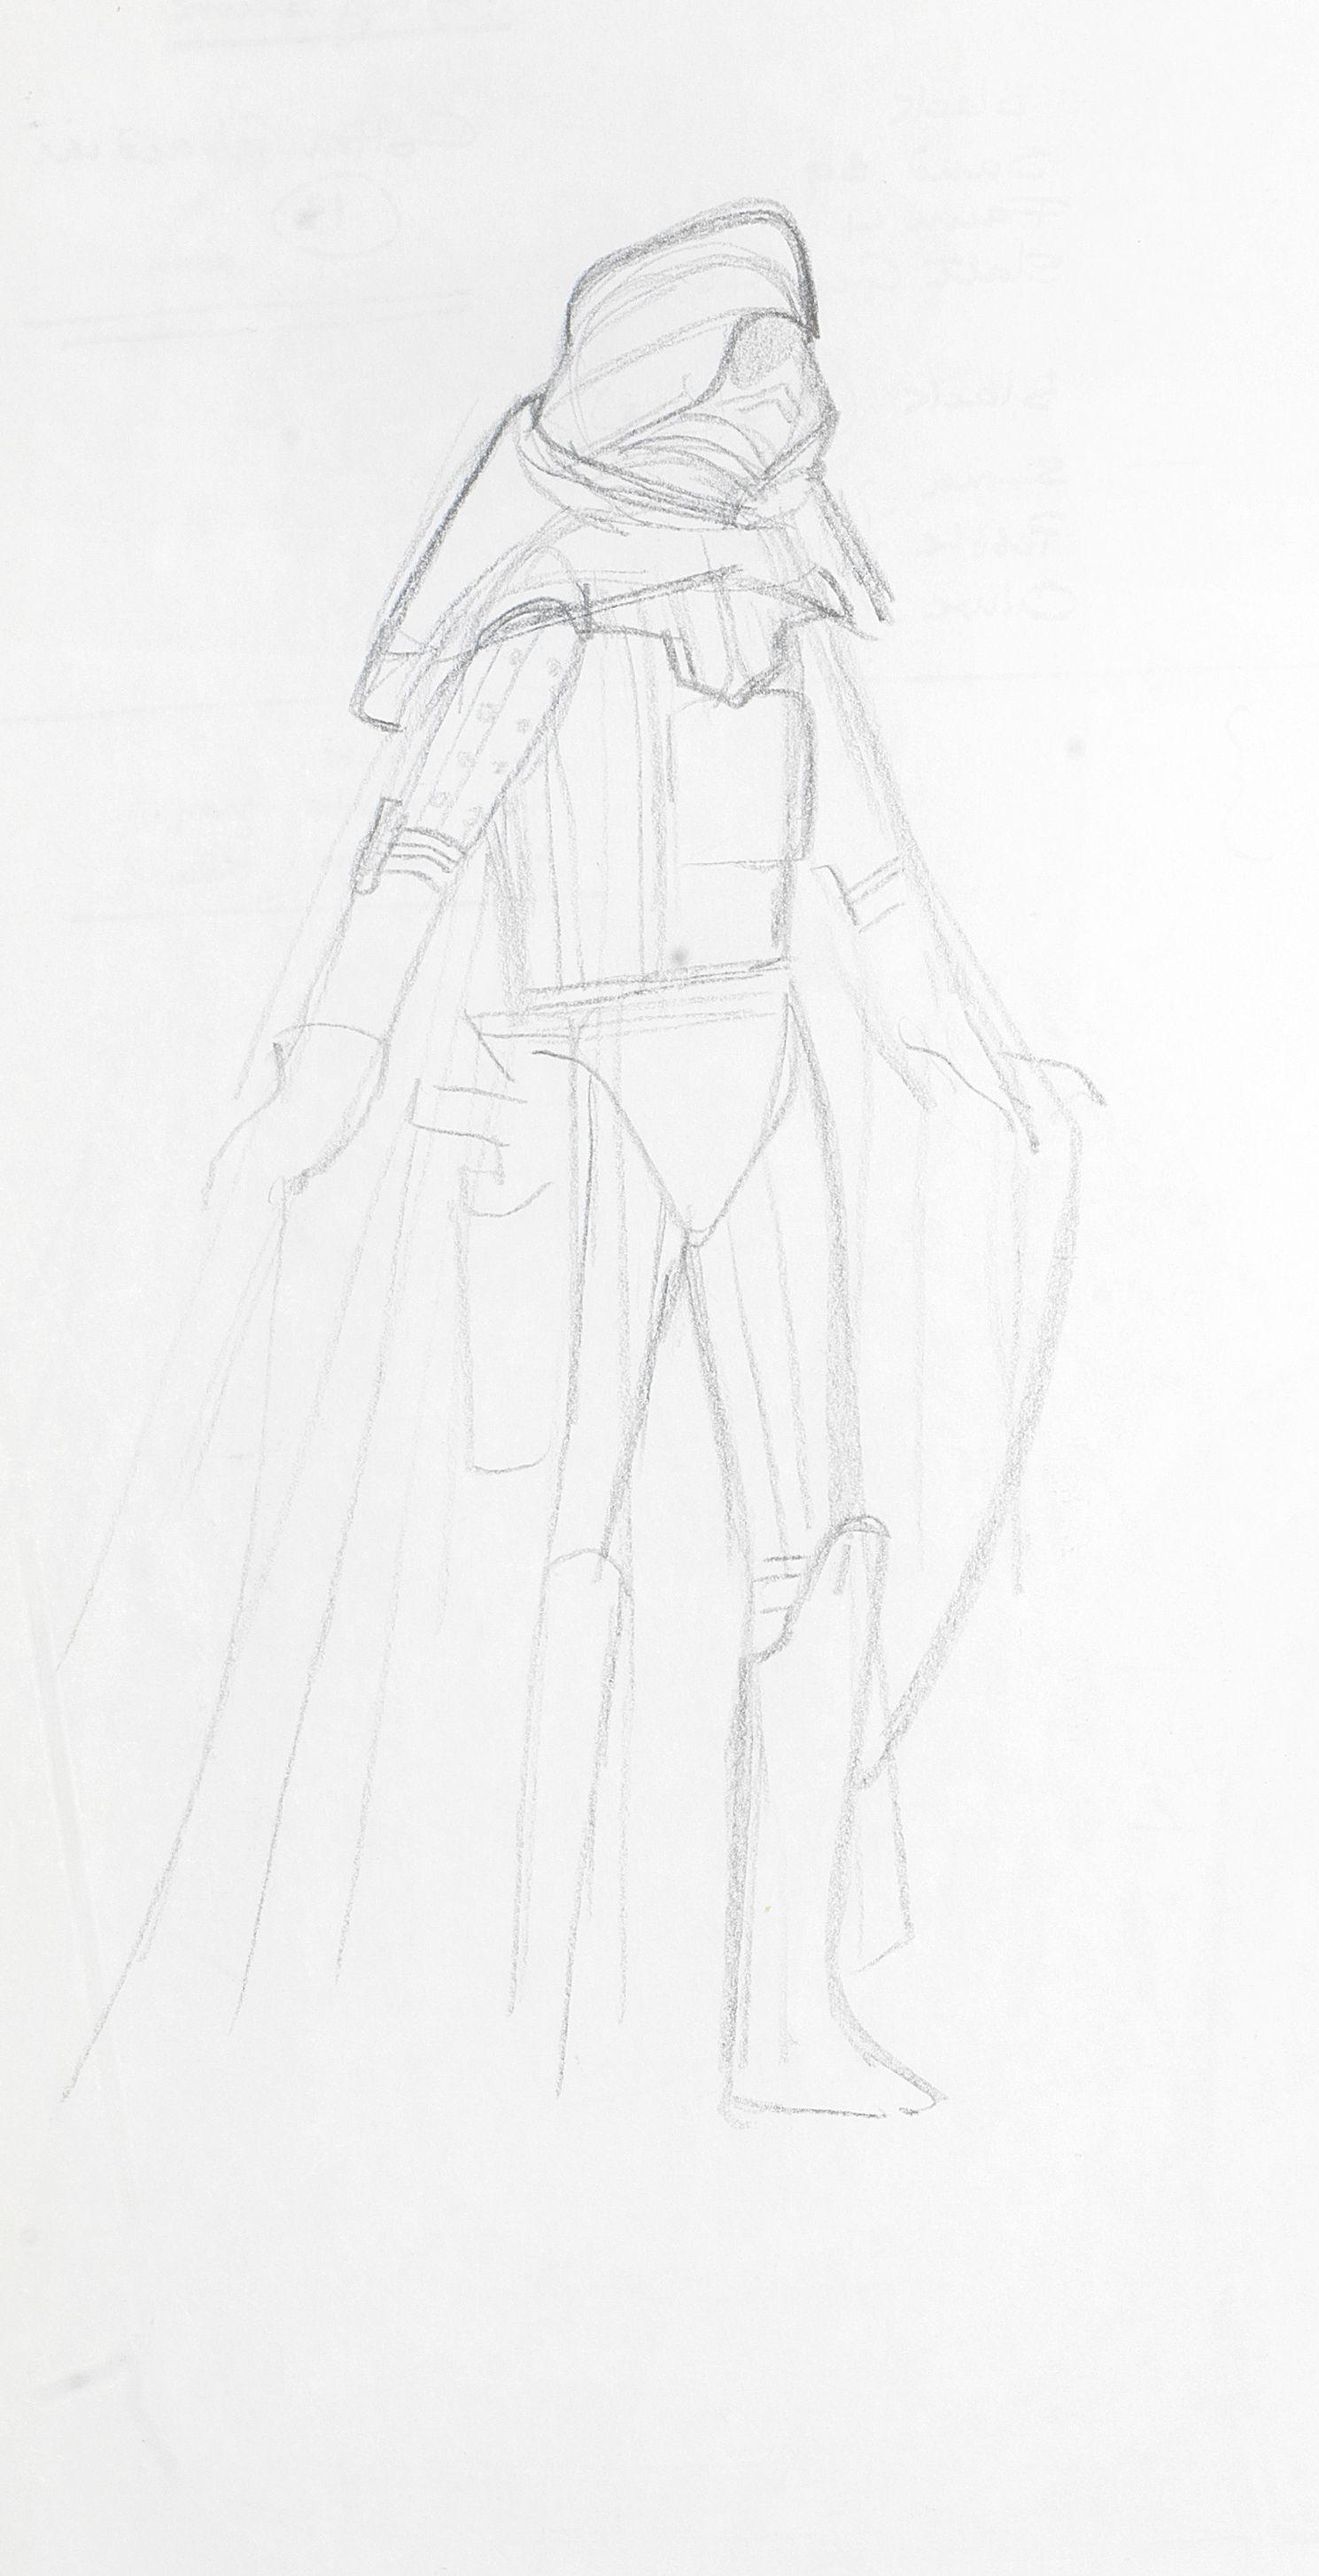 Sketch of Vader